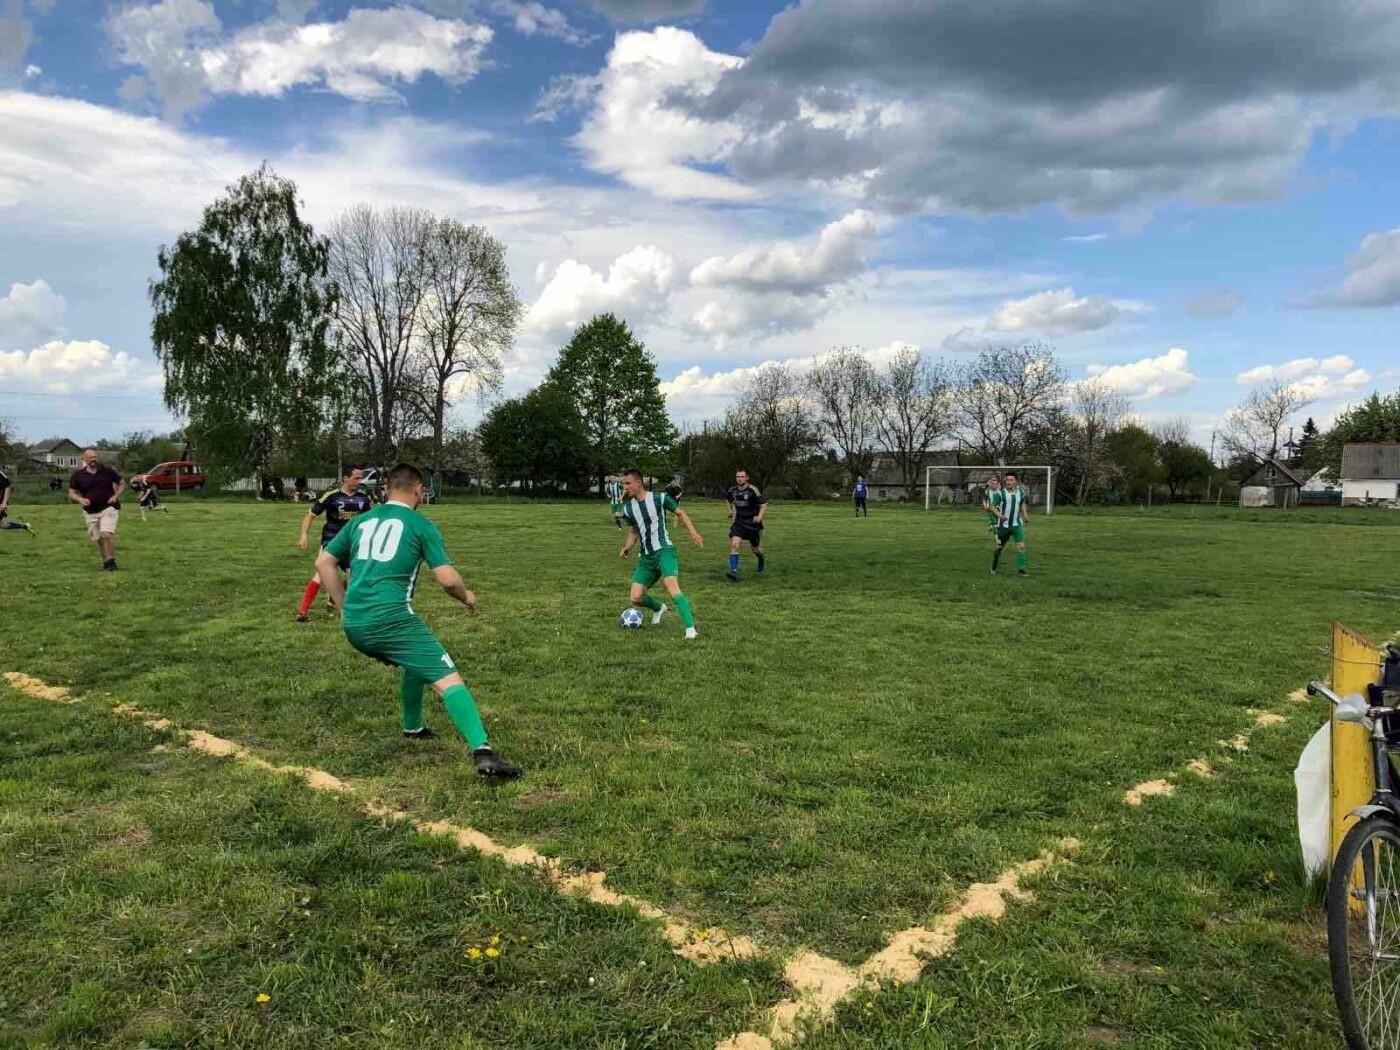 На Новоград-Волинщині відбувся відкритий матч чемпіонату району з футболу, фото-1